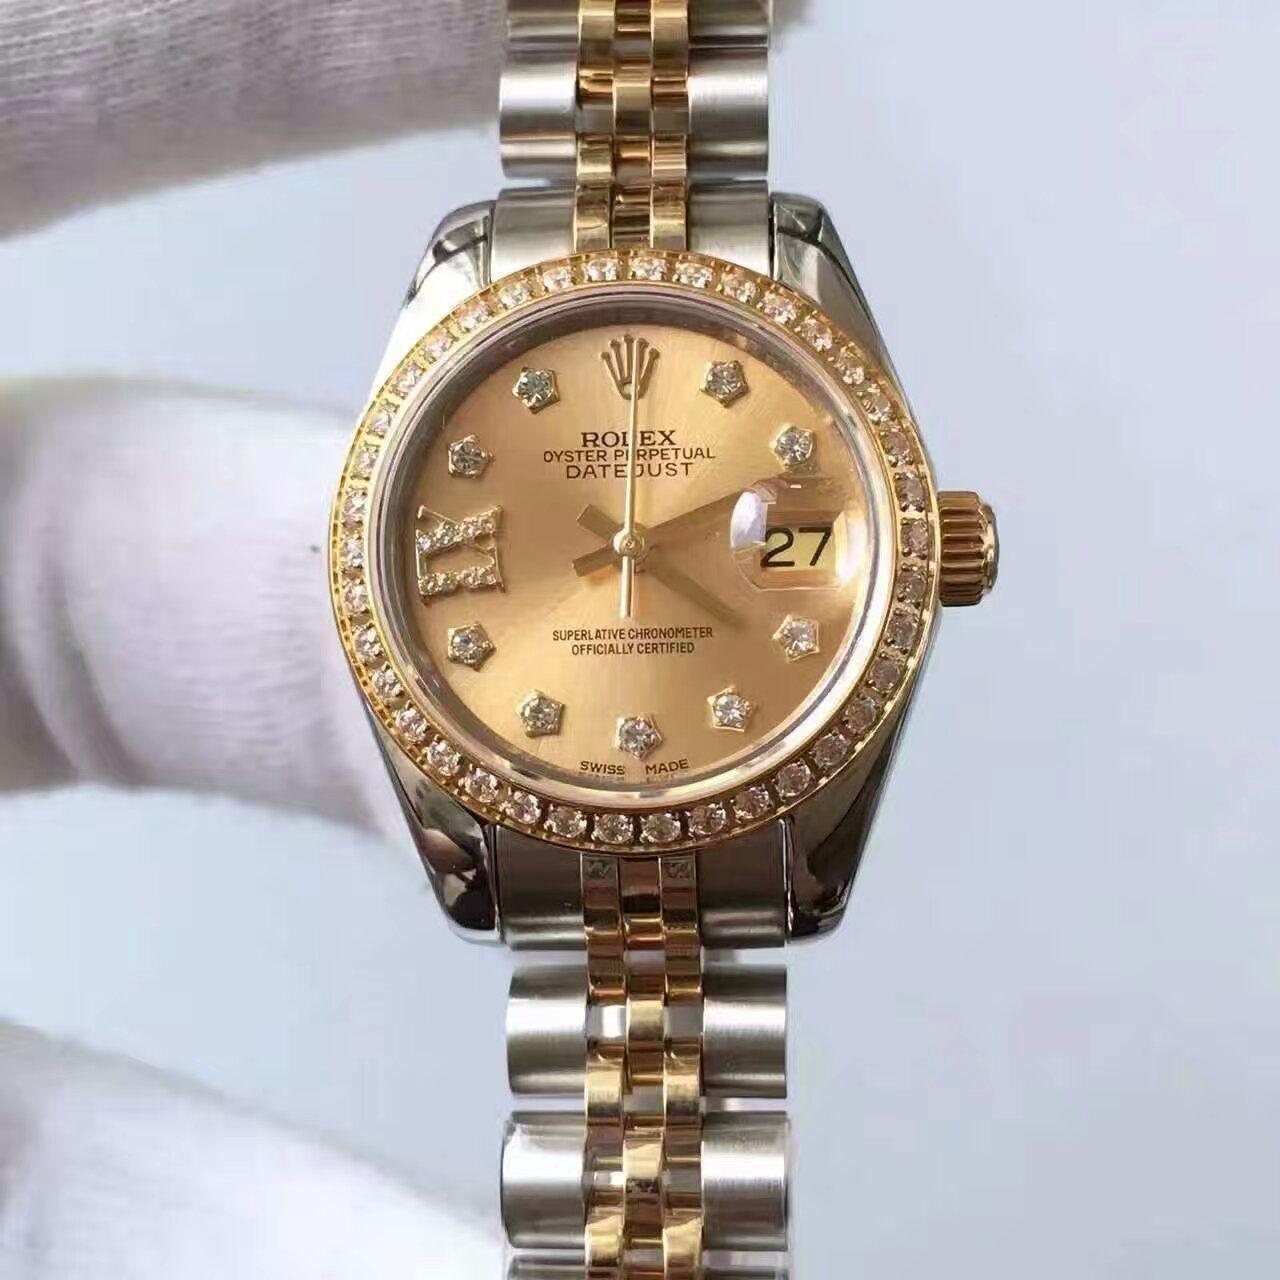 【台湾厂顶级复刻手表】劳力士女装日志型系列279383RBR香槟色表盘女士腕表价格报价